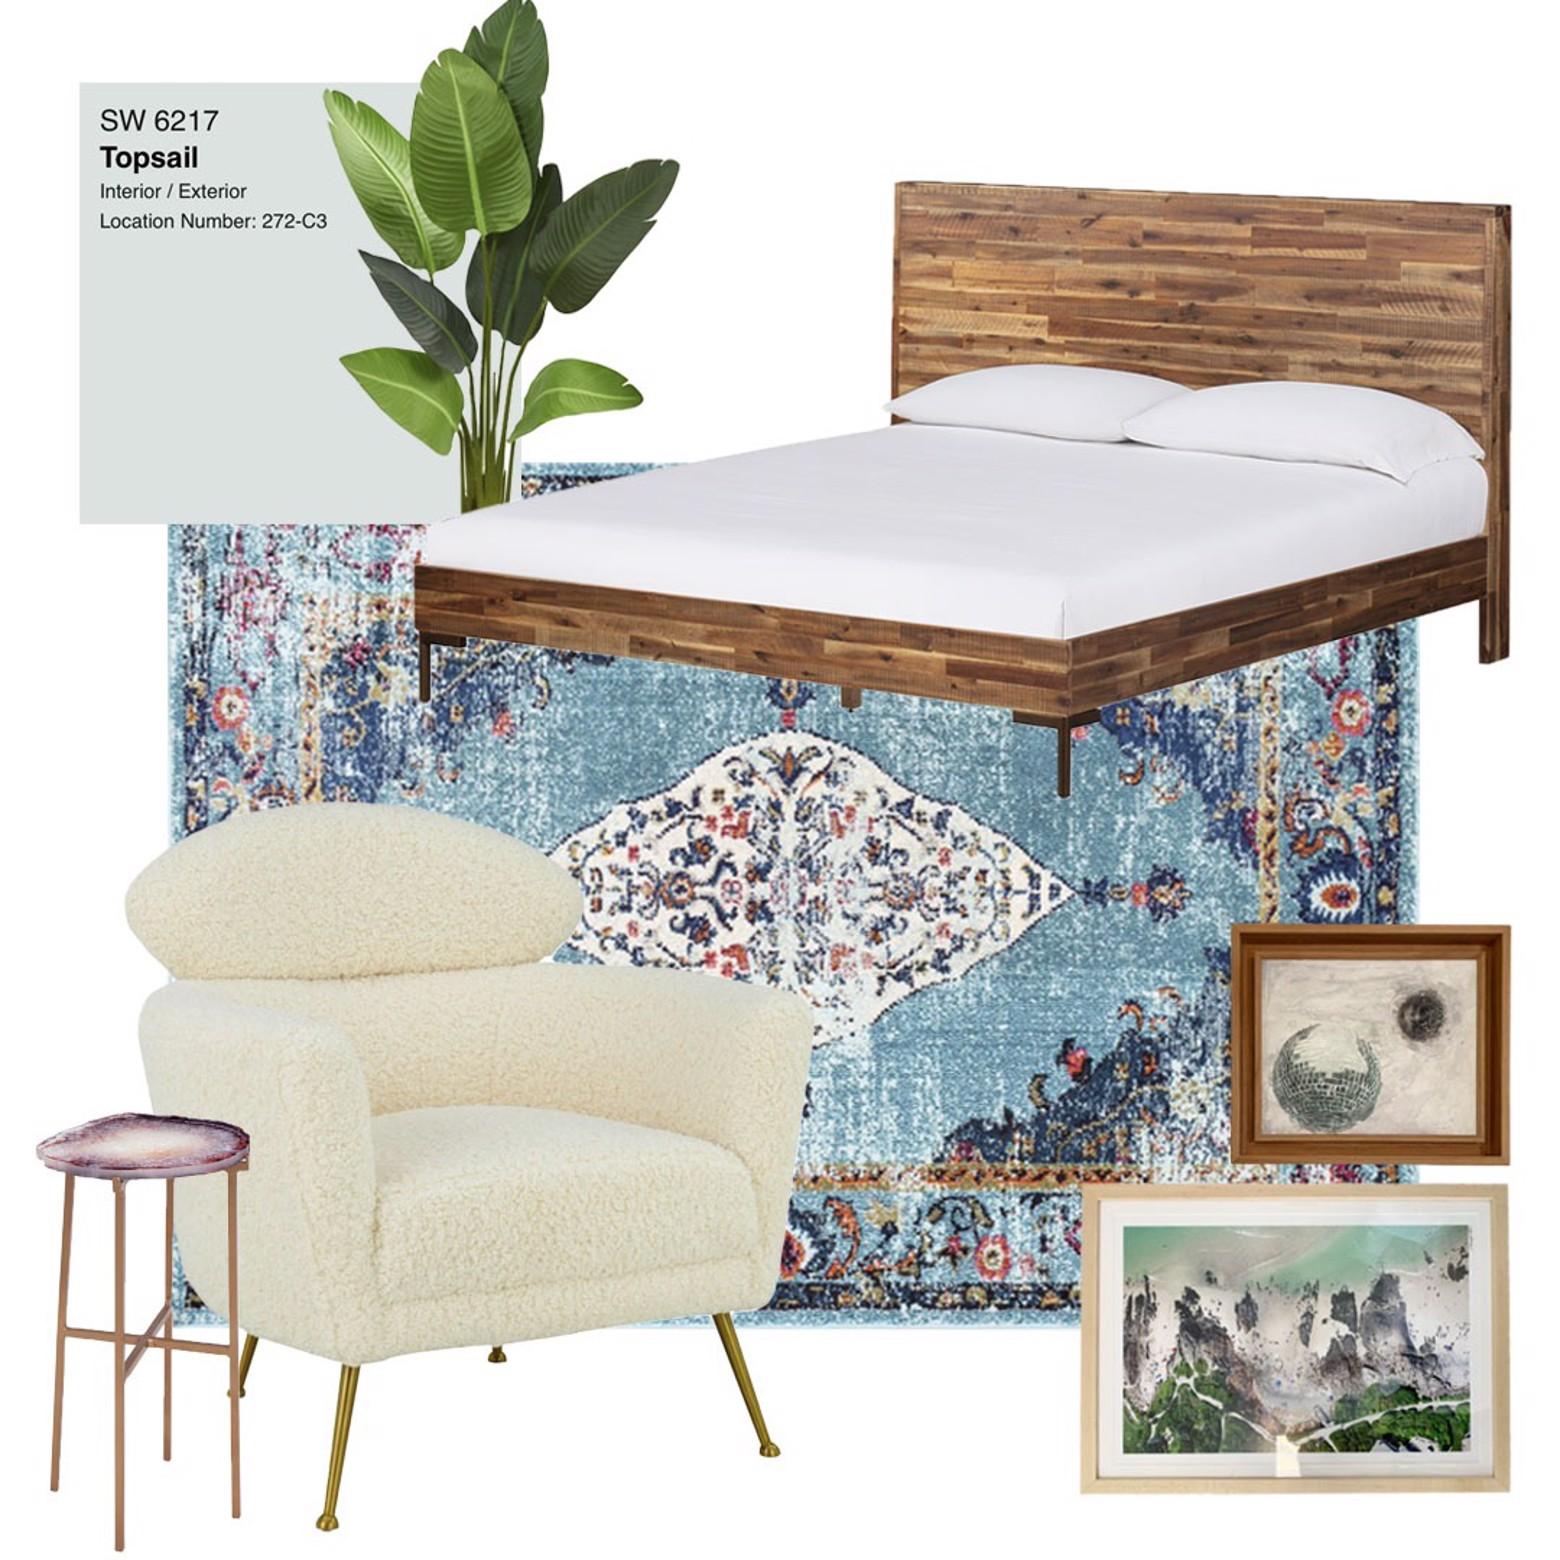 moochee-lee-cozy-bedroom-moodboard.jpg image